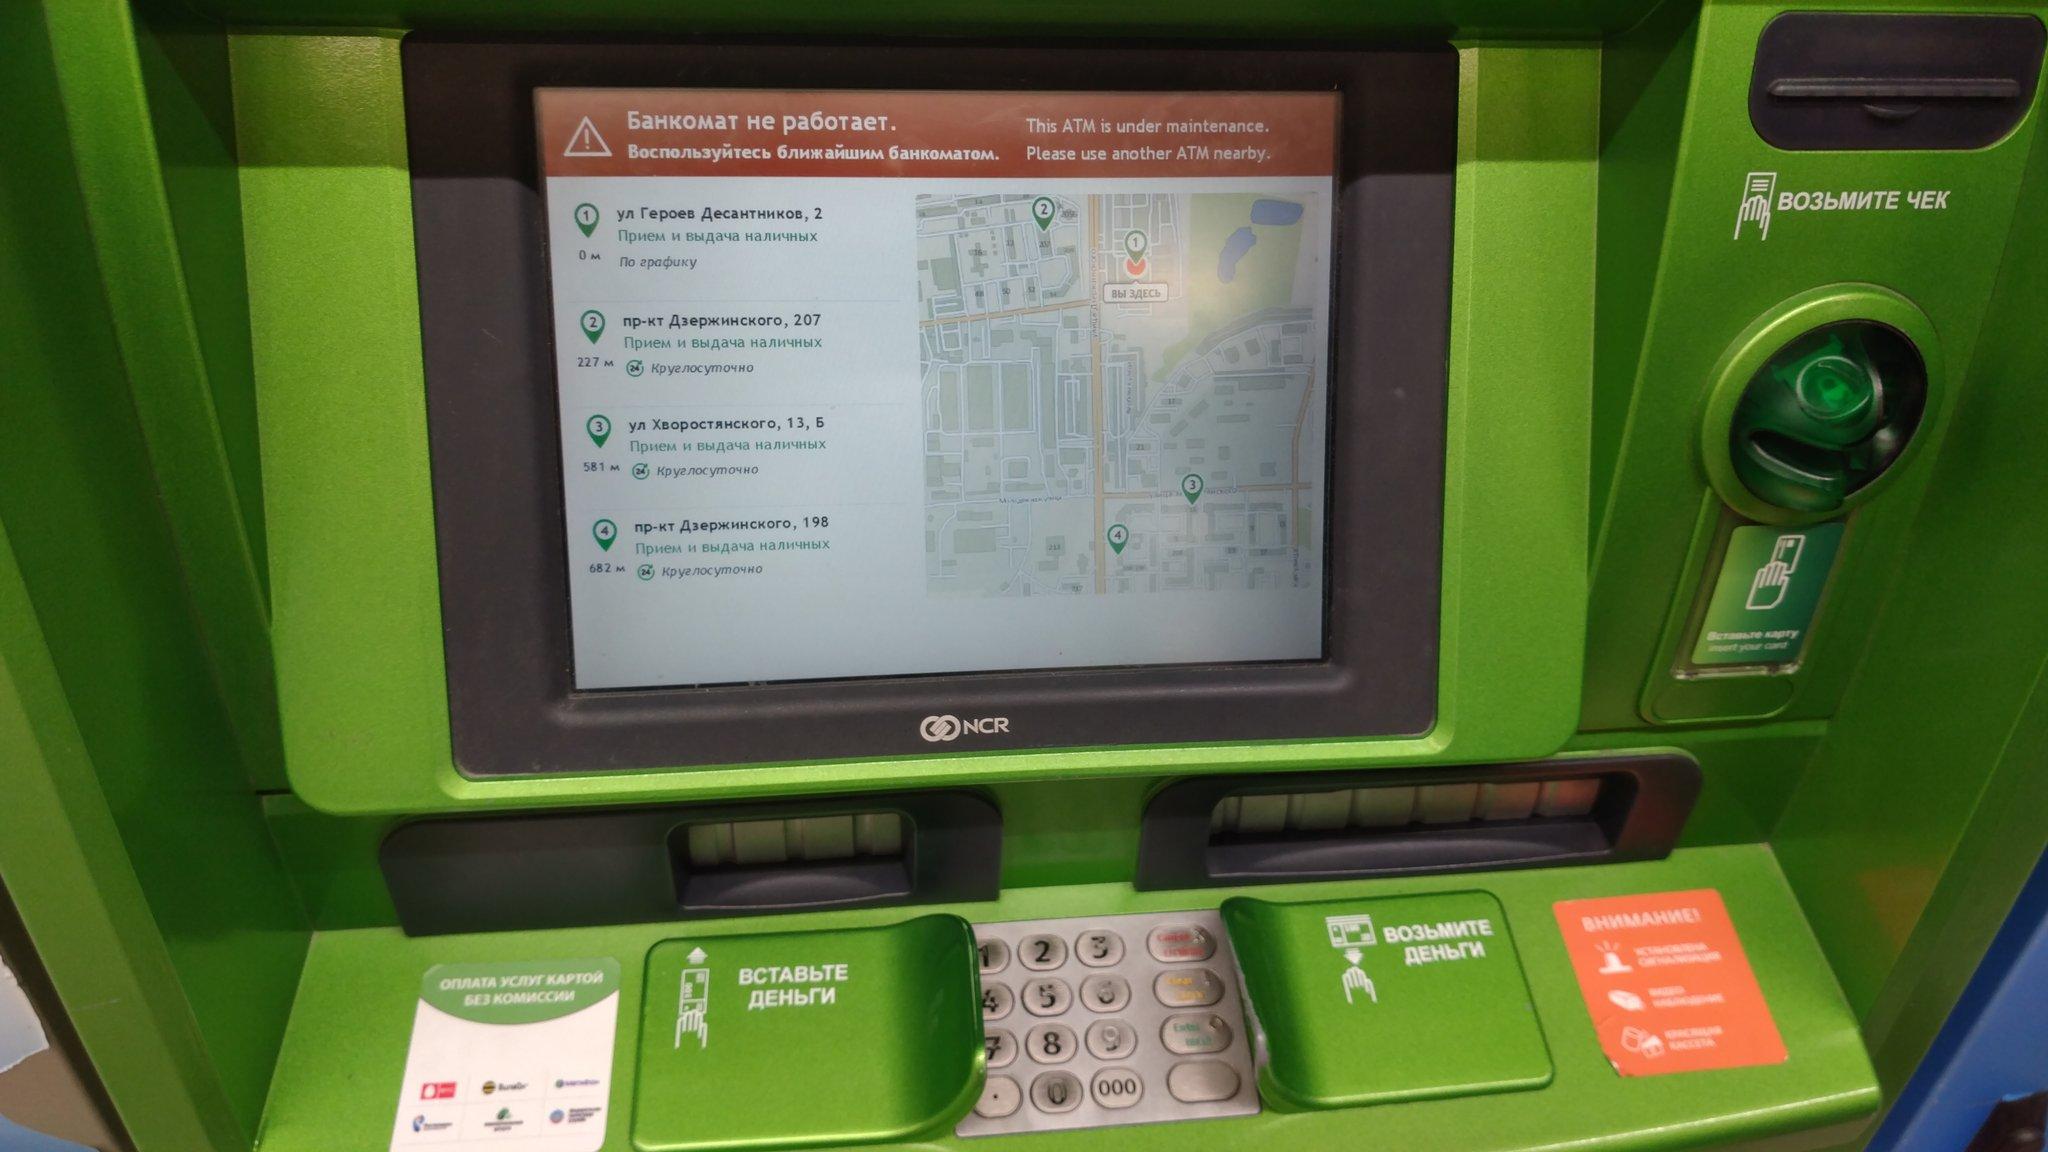 непринужденная сбербанк терминал подробно в картинках бренда заключается производстве